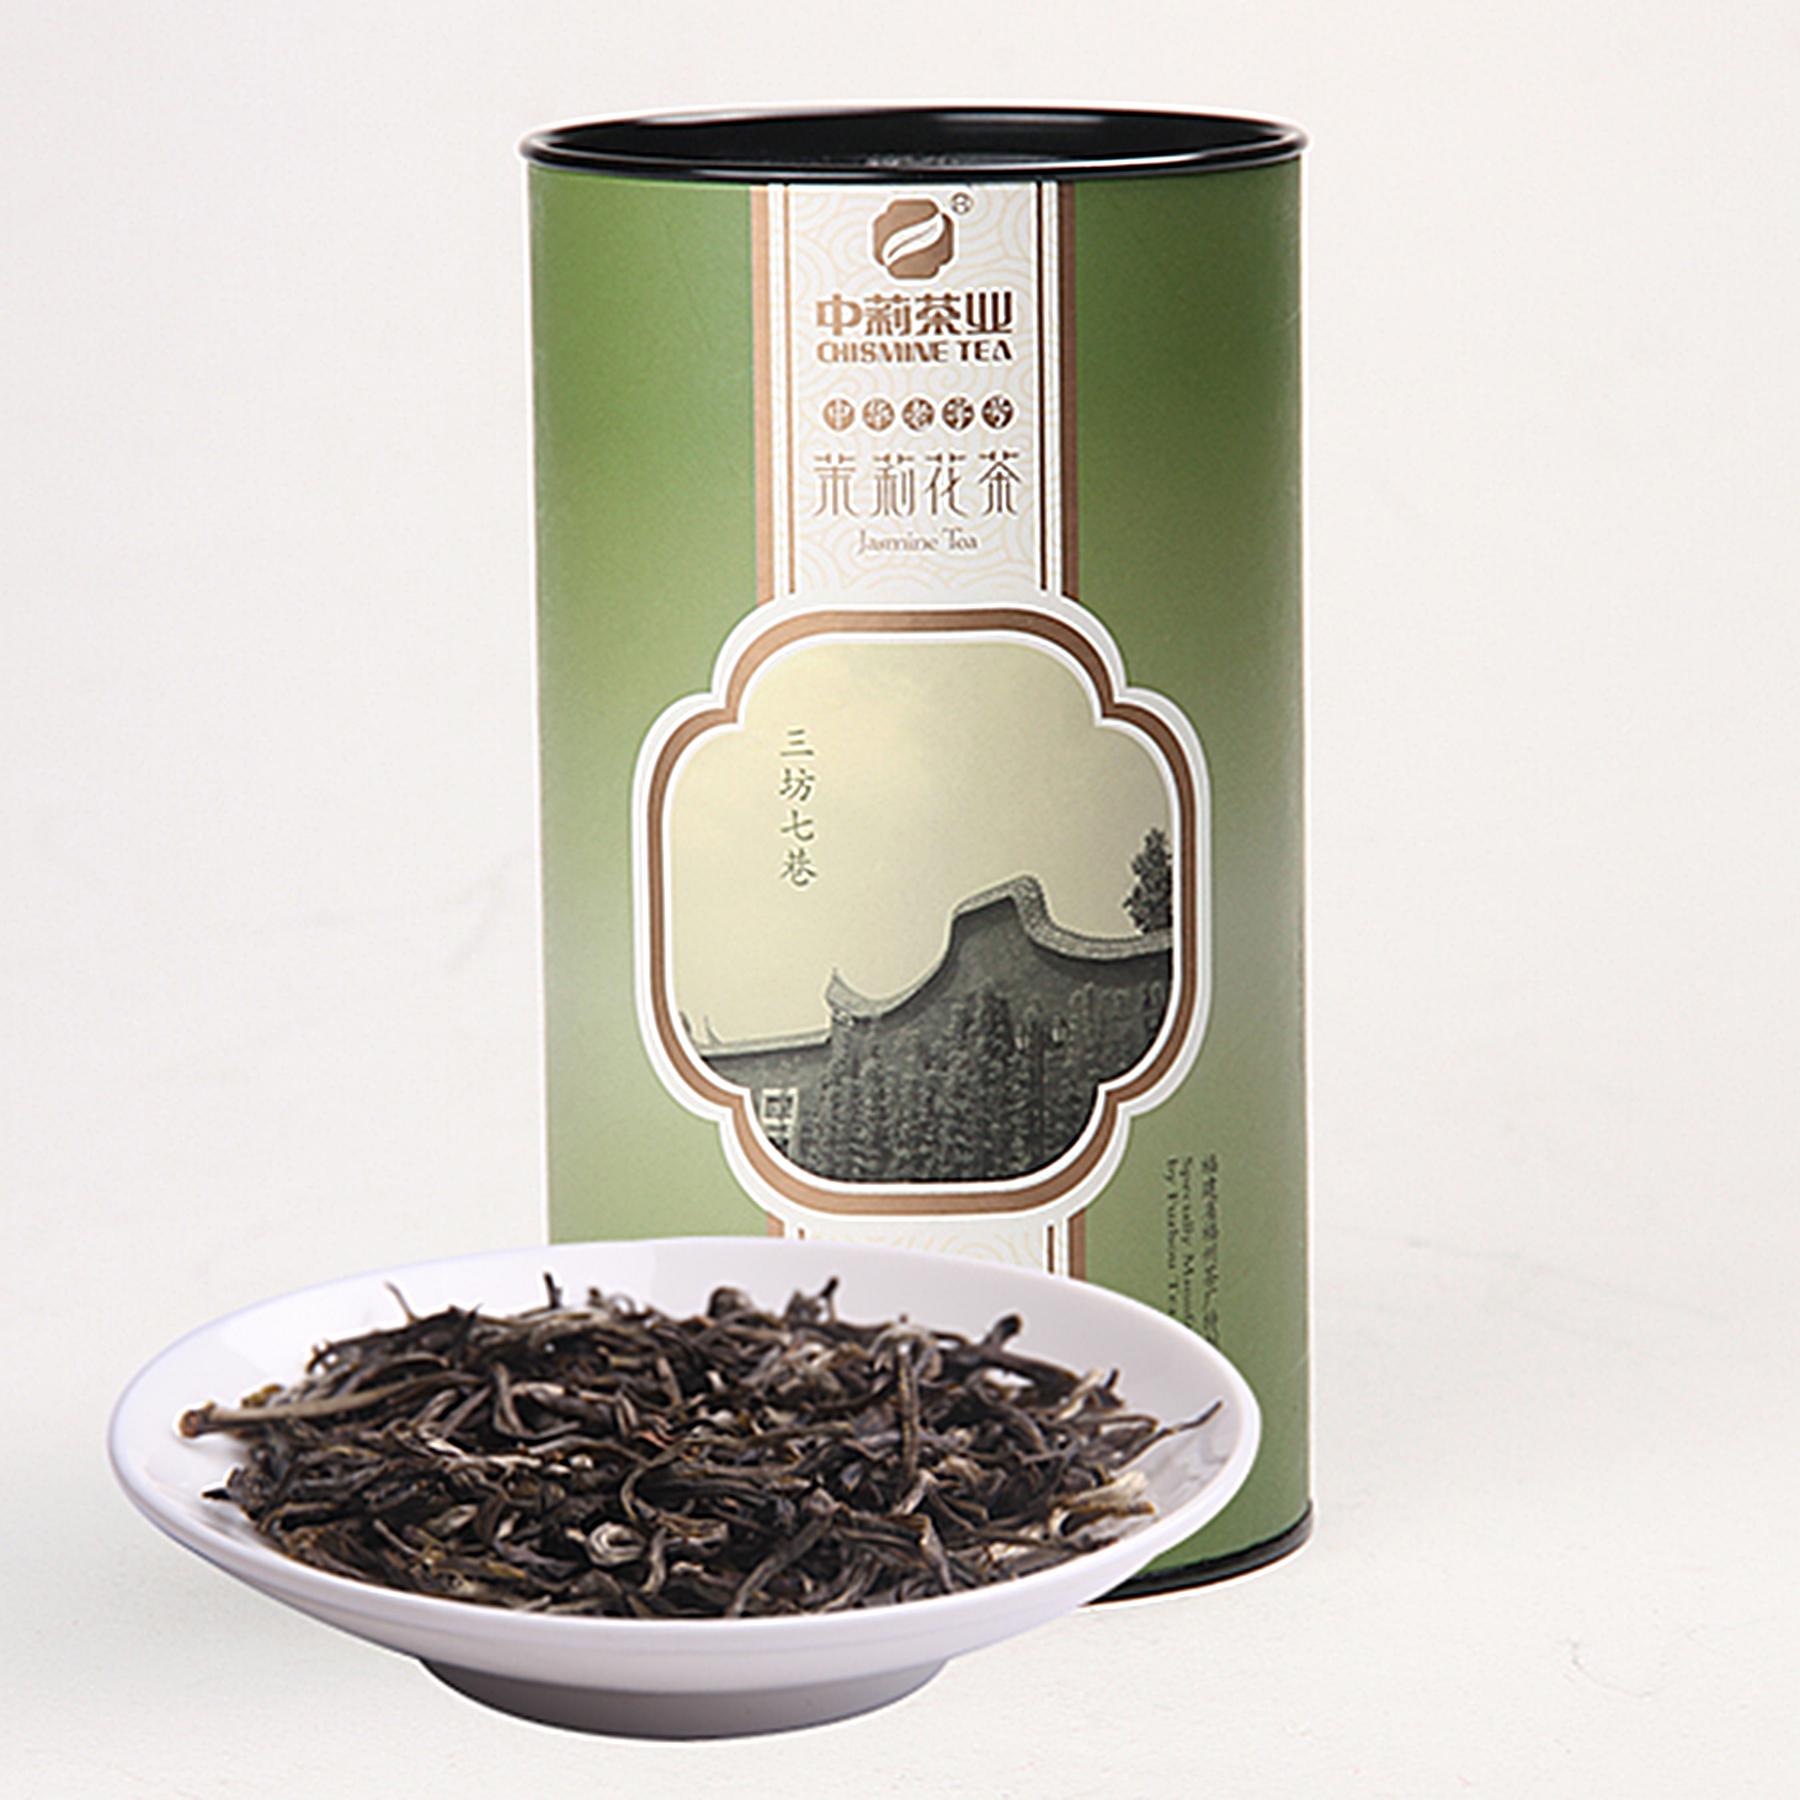 明前绿 茉莉花茶(2015)